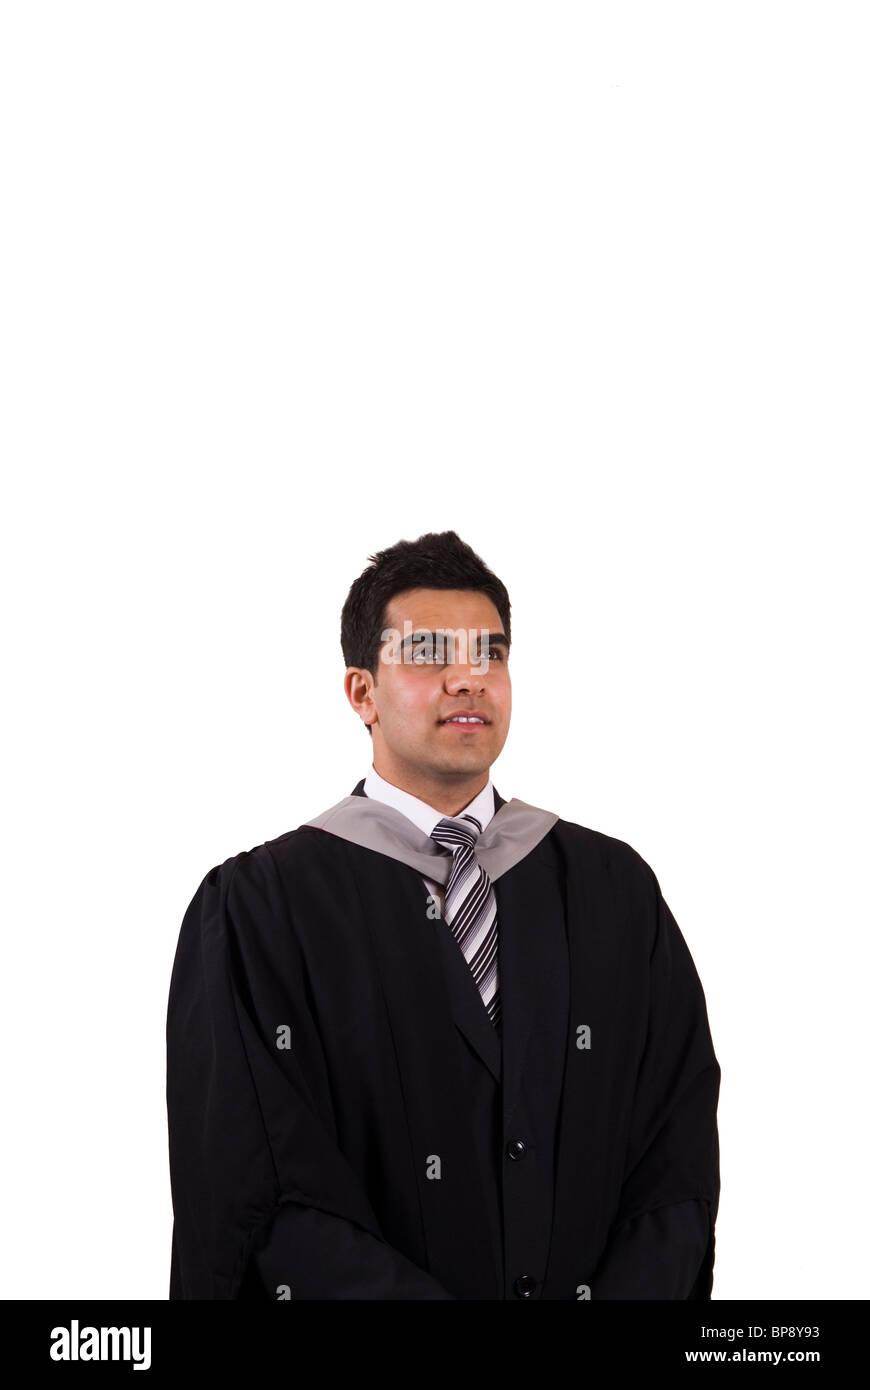 191fb52c2 Joven asiático graduado en bata de graduación mirando hacia arriba contra  un fondo blanco. Imagen